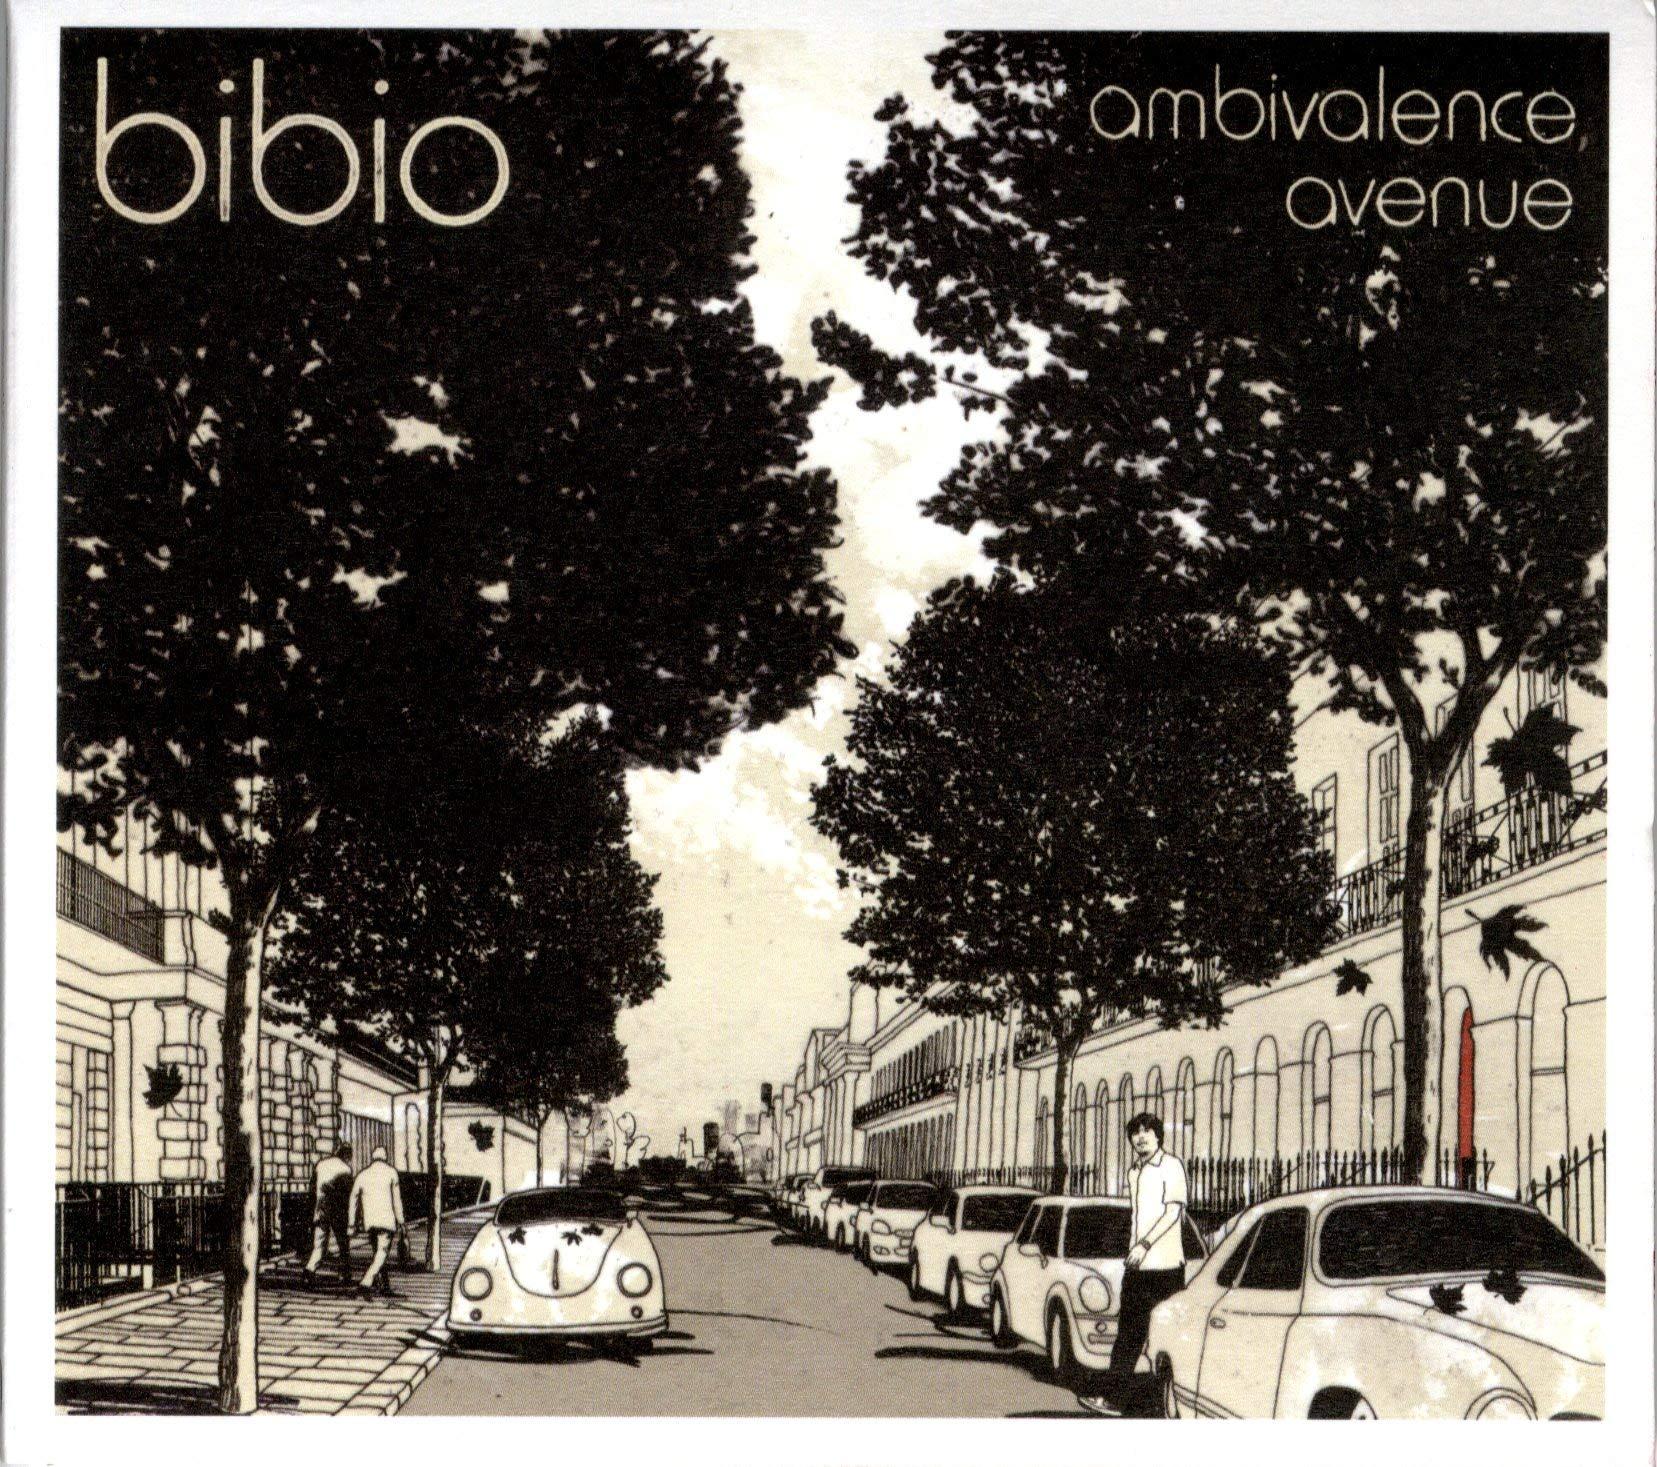 Ambivalence Avenue [Vinyl] by VINYL